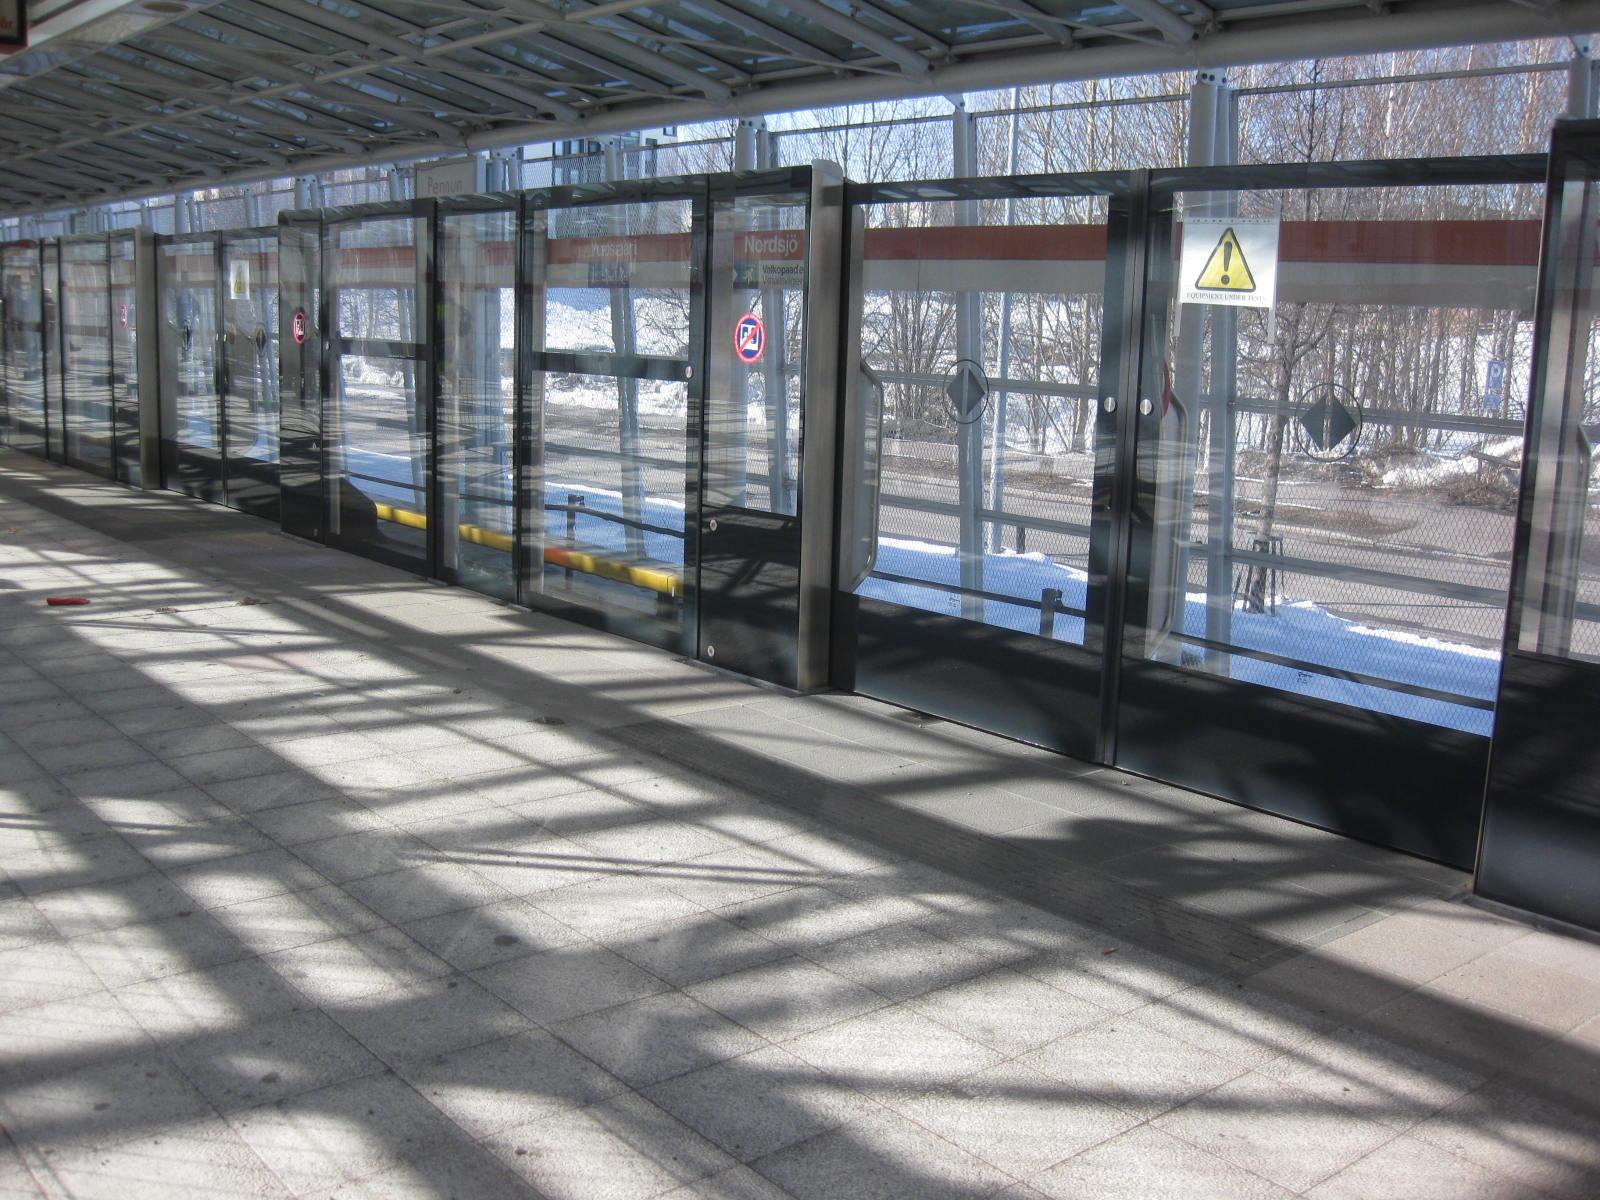 Etanatikku Metroaseman uudet ovet ovat tämännäköisiä